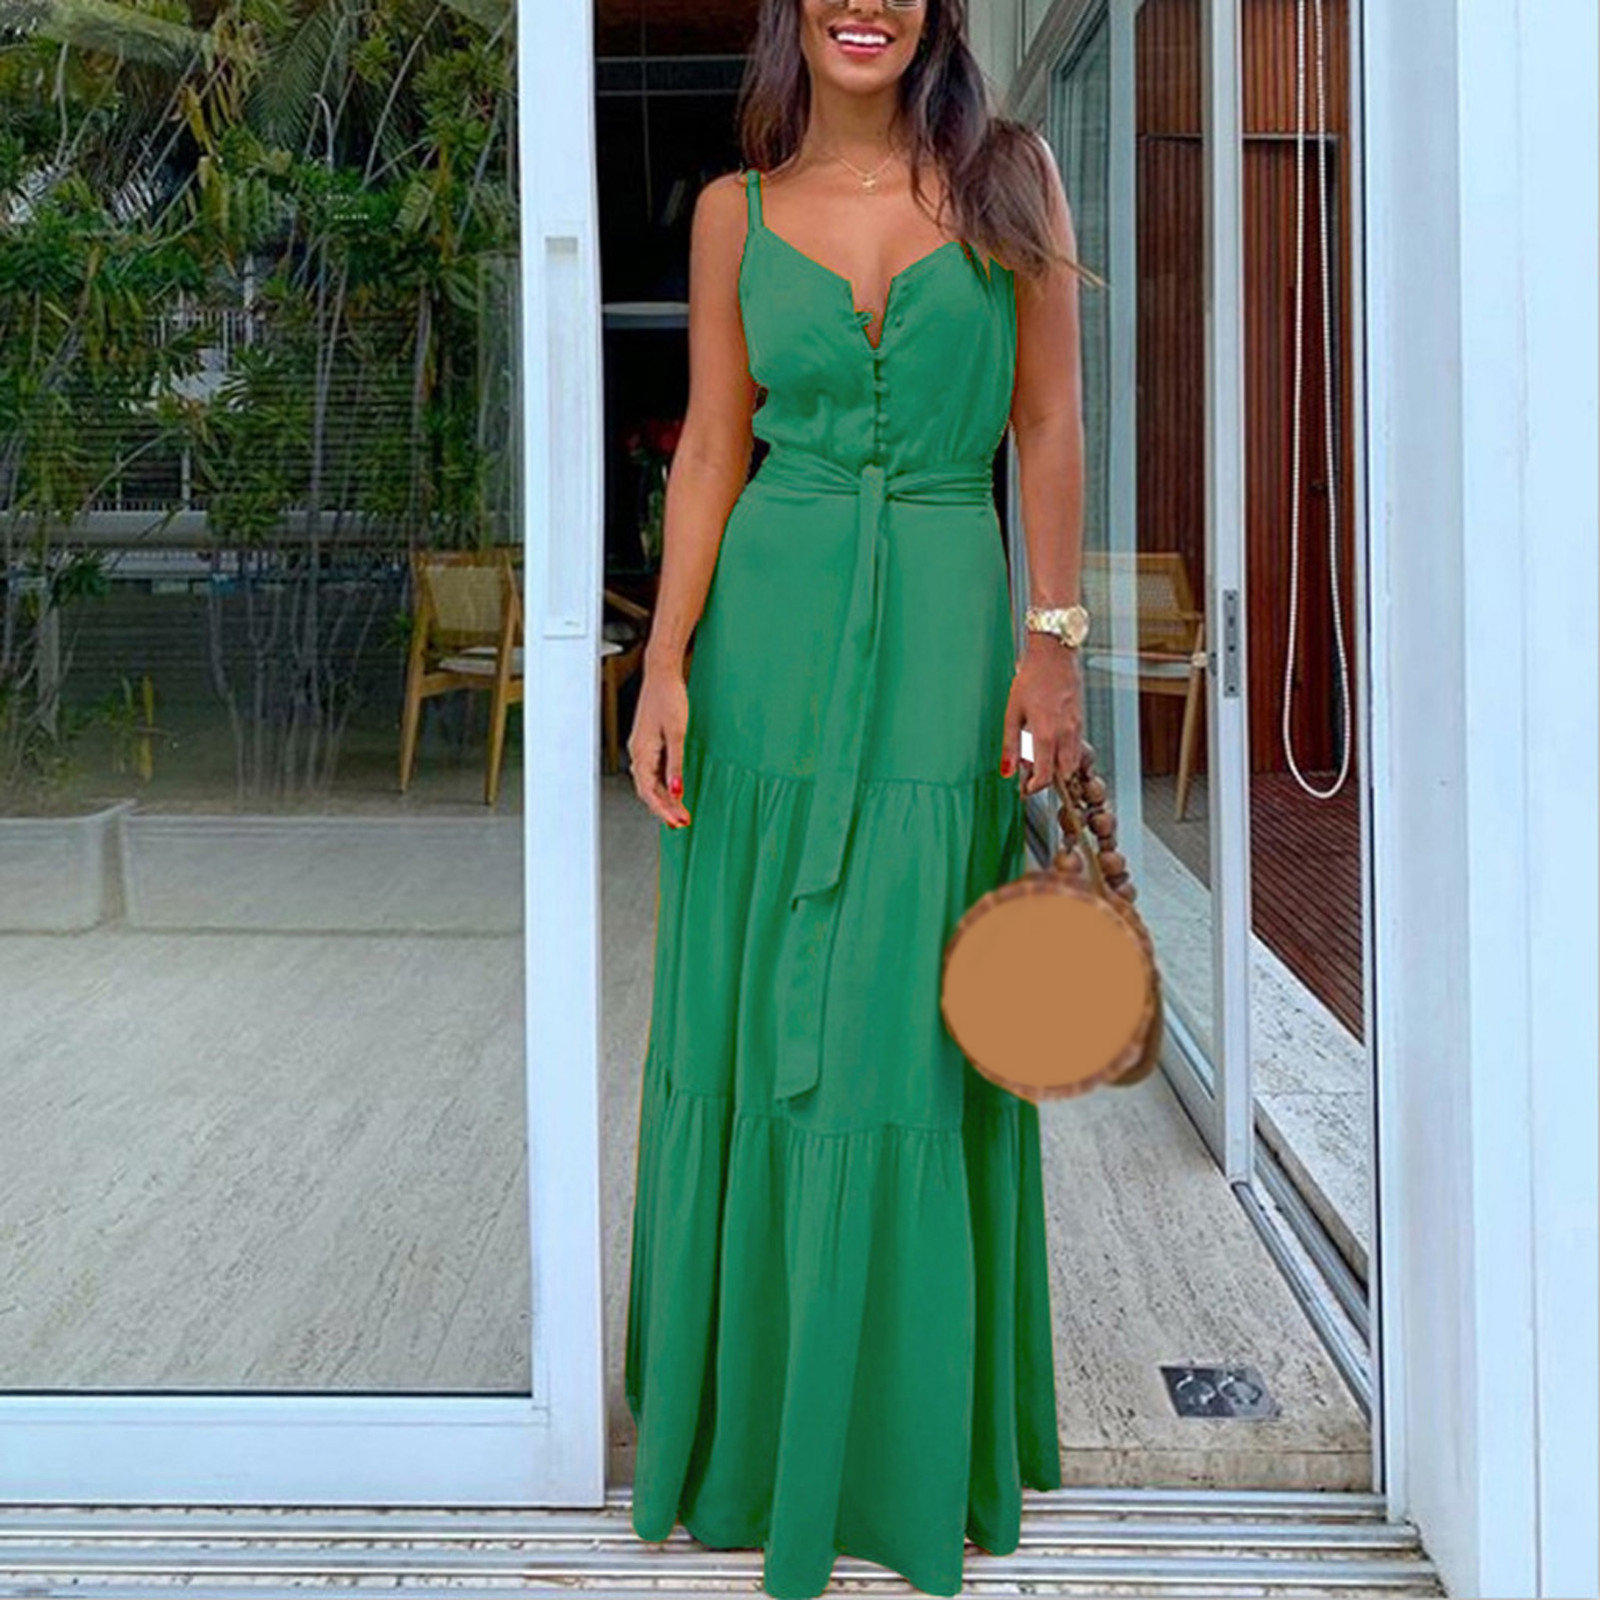 Robe dété pour femmes, Style Boho, sans manches, à bretelles, col en v, à bandes, Robe de plage, pour Les fêtes